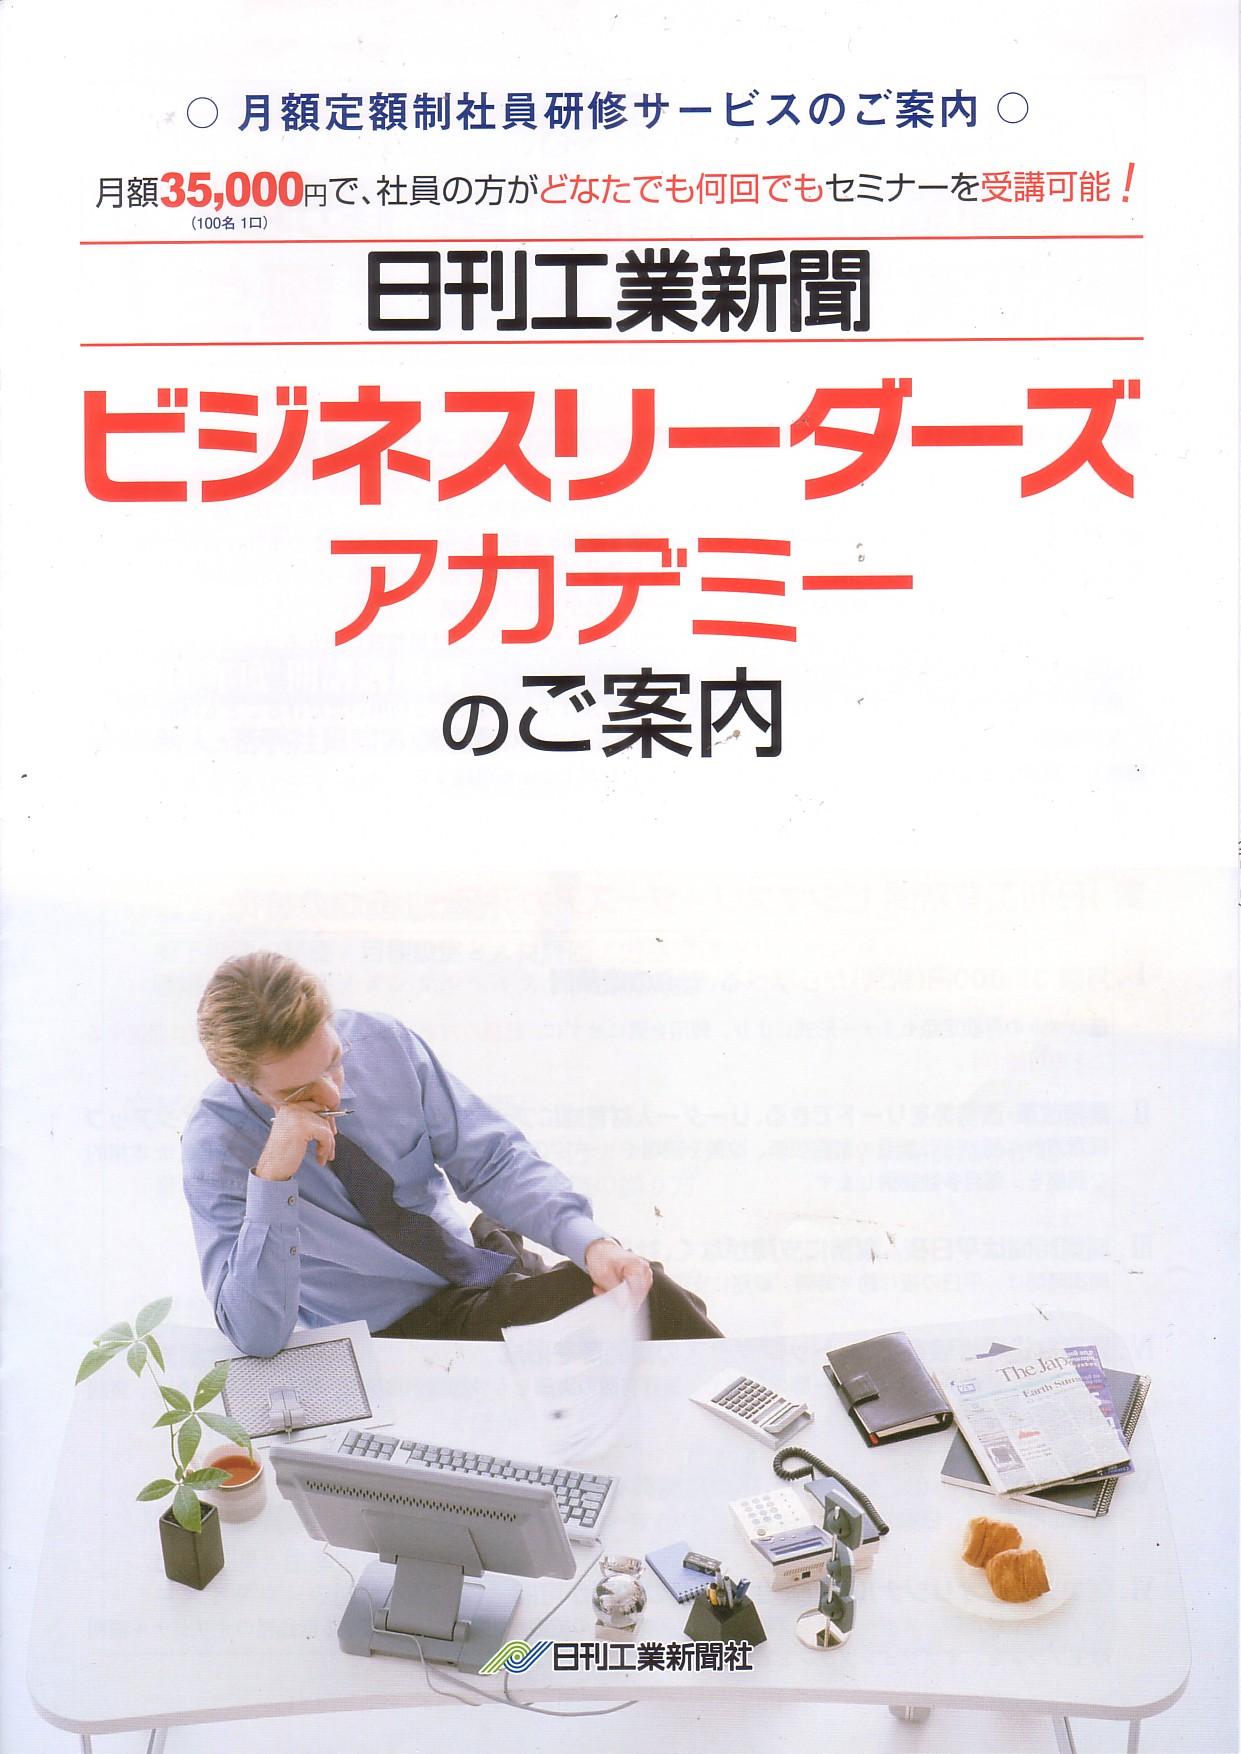 「儲かる会社になれる方法(4)」